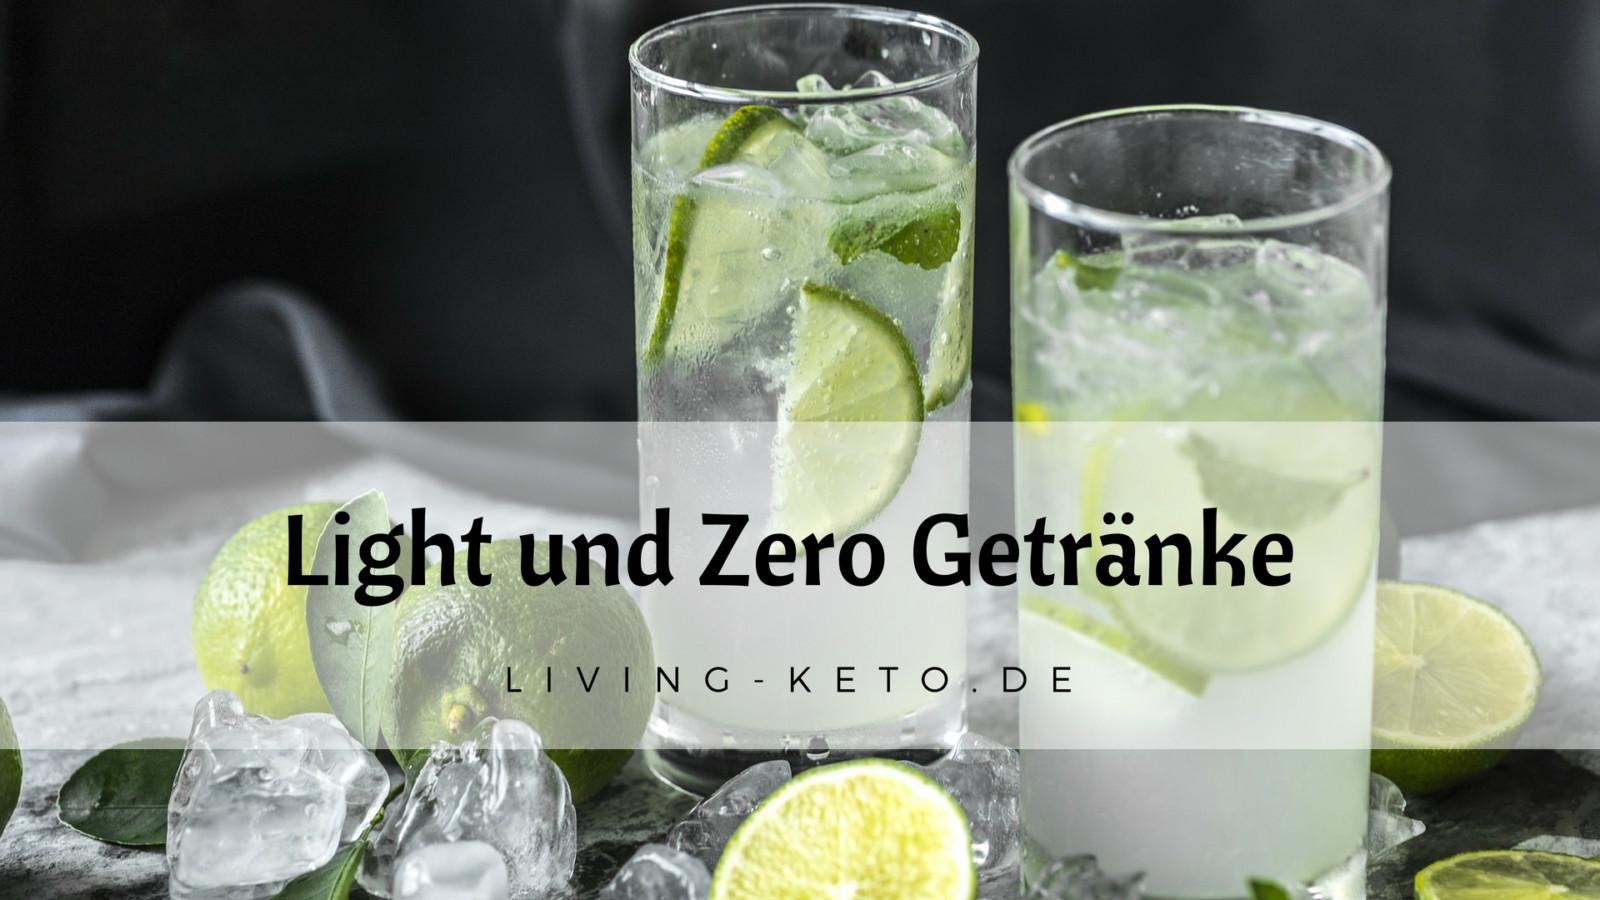 Light und Zero Getränke in der ketogenen Ernährung | Ketogen Leben